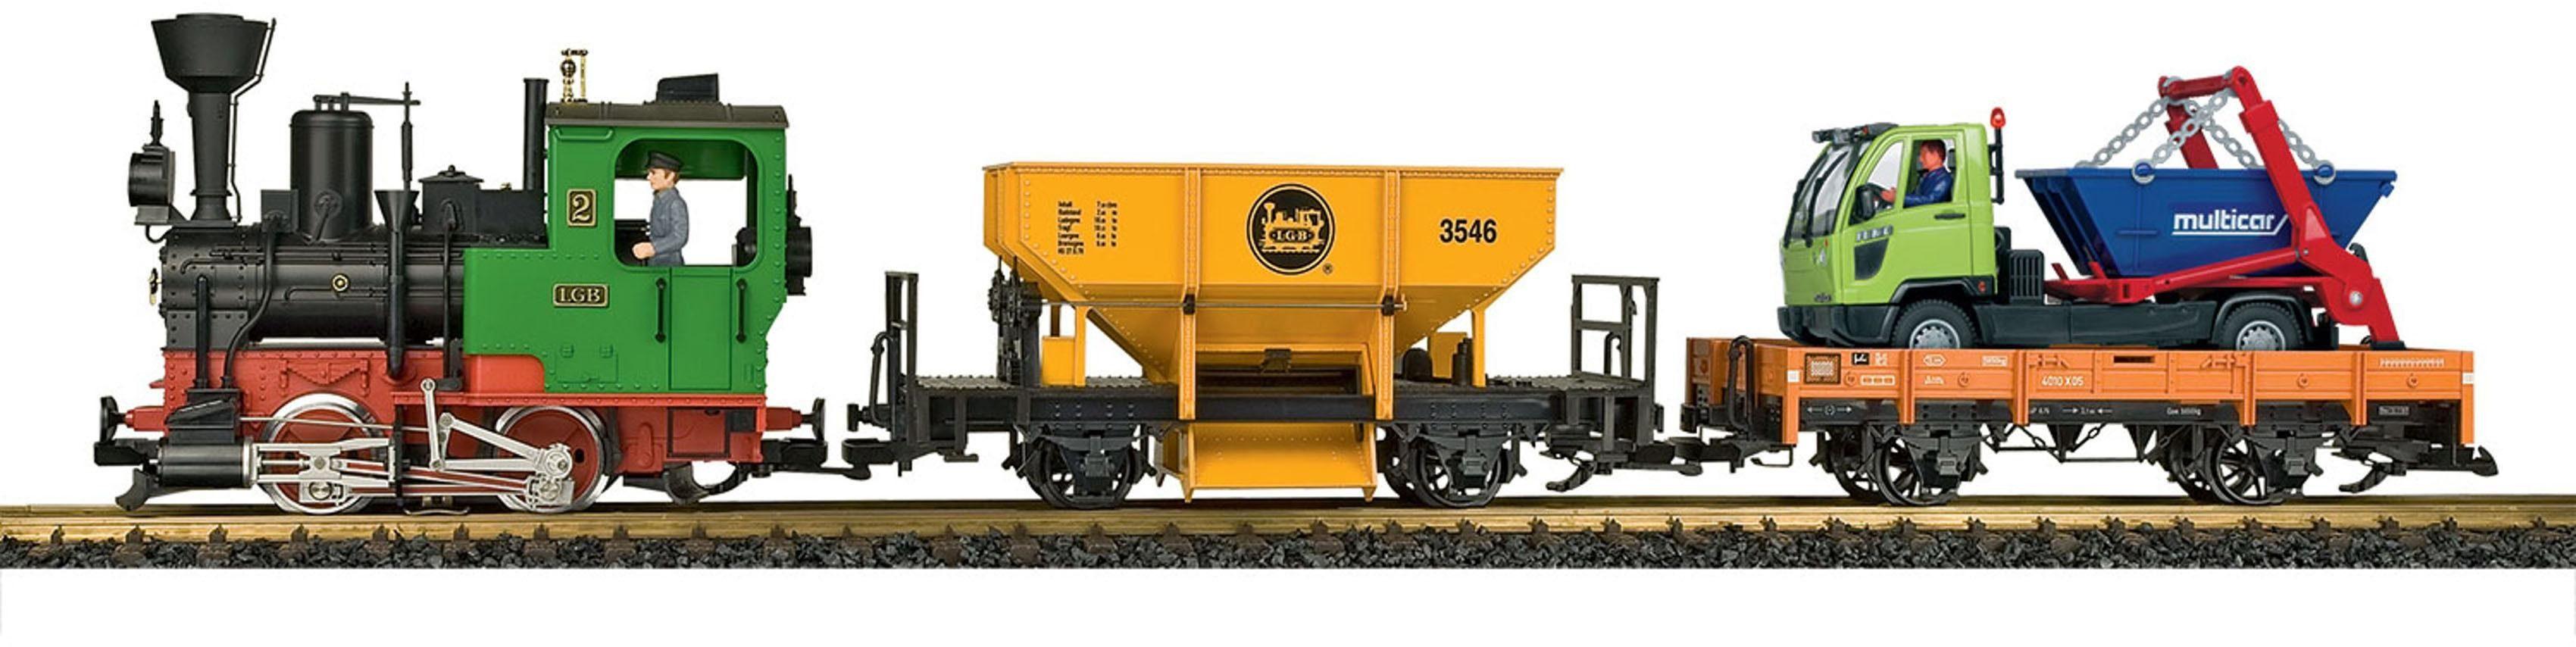 LGB Märklin Einsteigerset Gartenlokomotive mit Sound, »LGB Startset Güterzug 230 Volt«